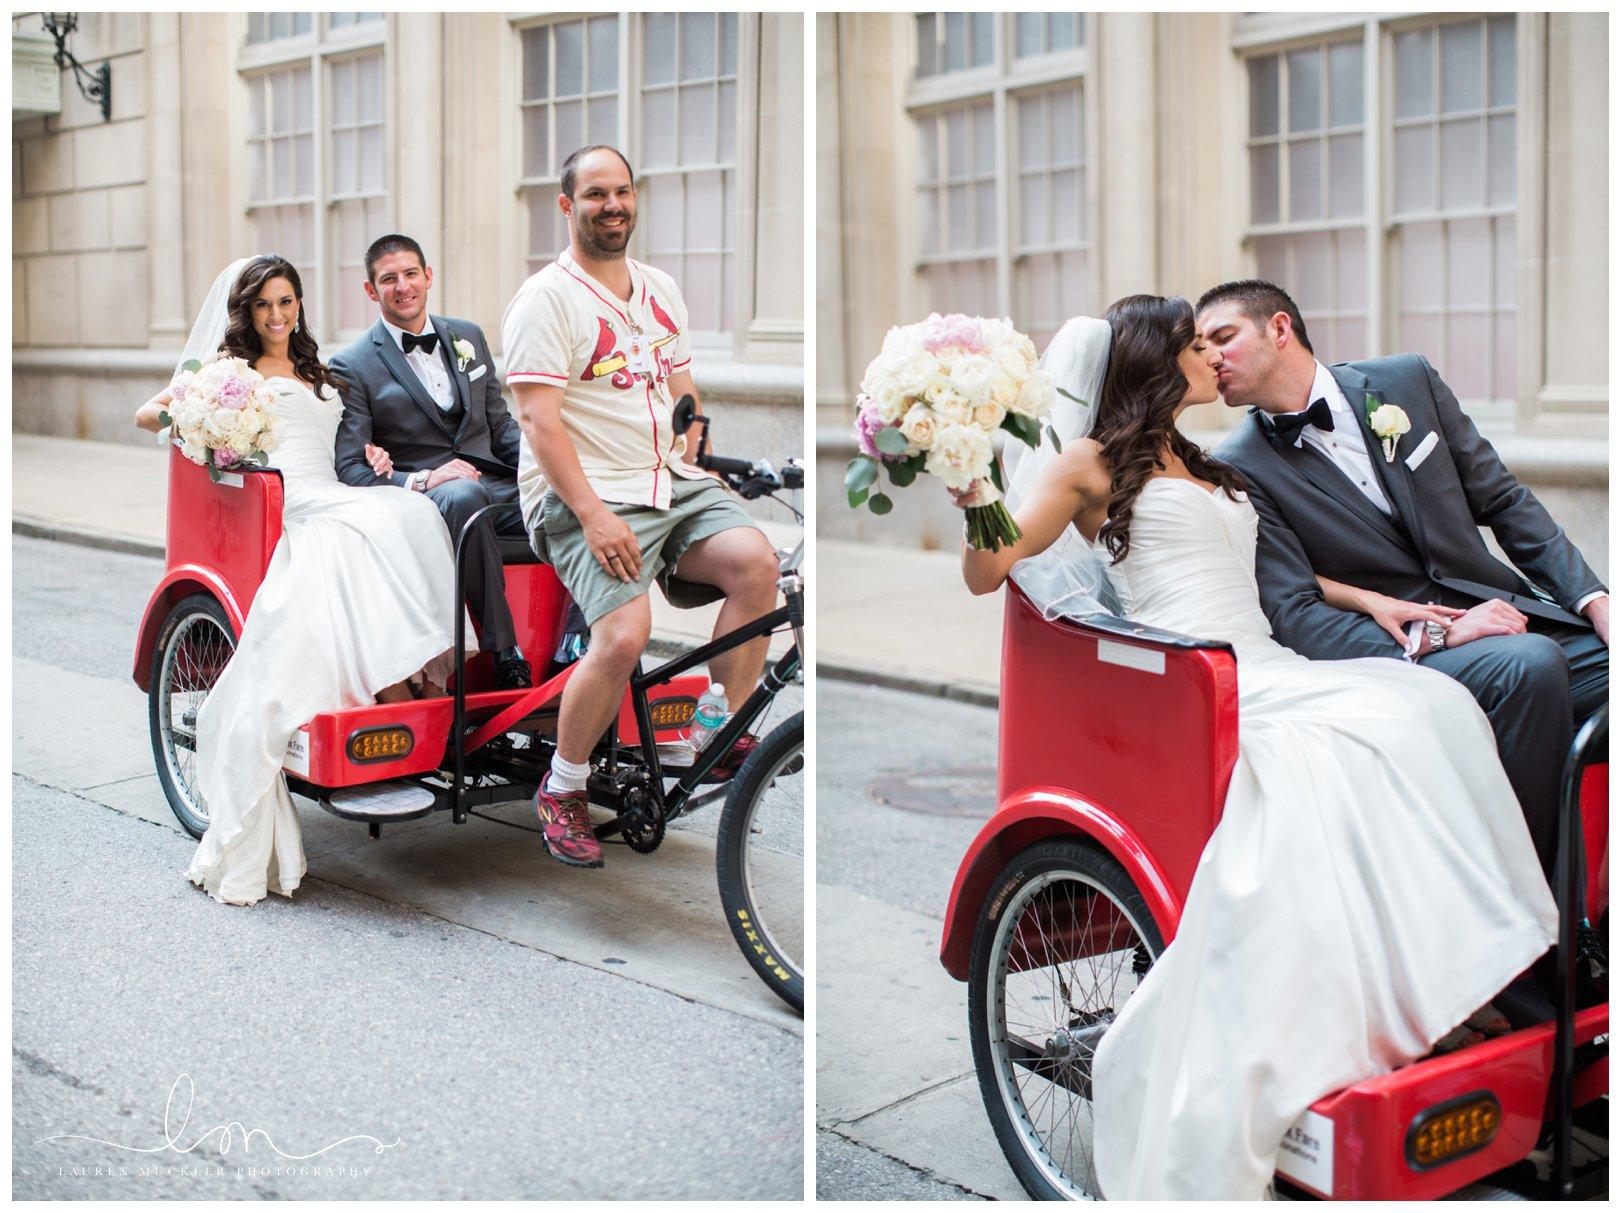 lauren muckler photography_fine art film wedding photography_st louis_photography_0265.jpg